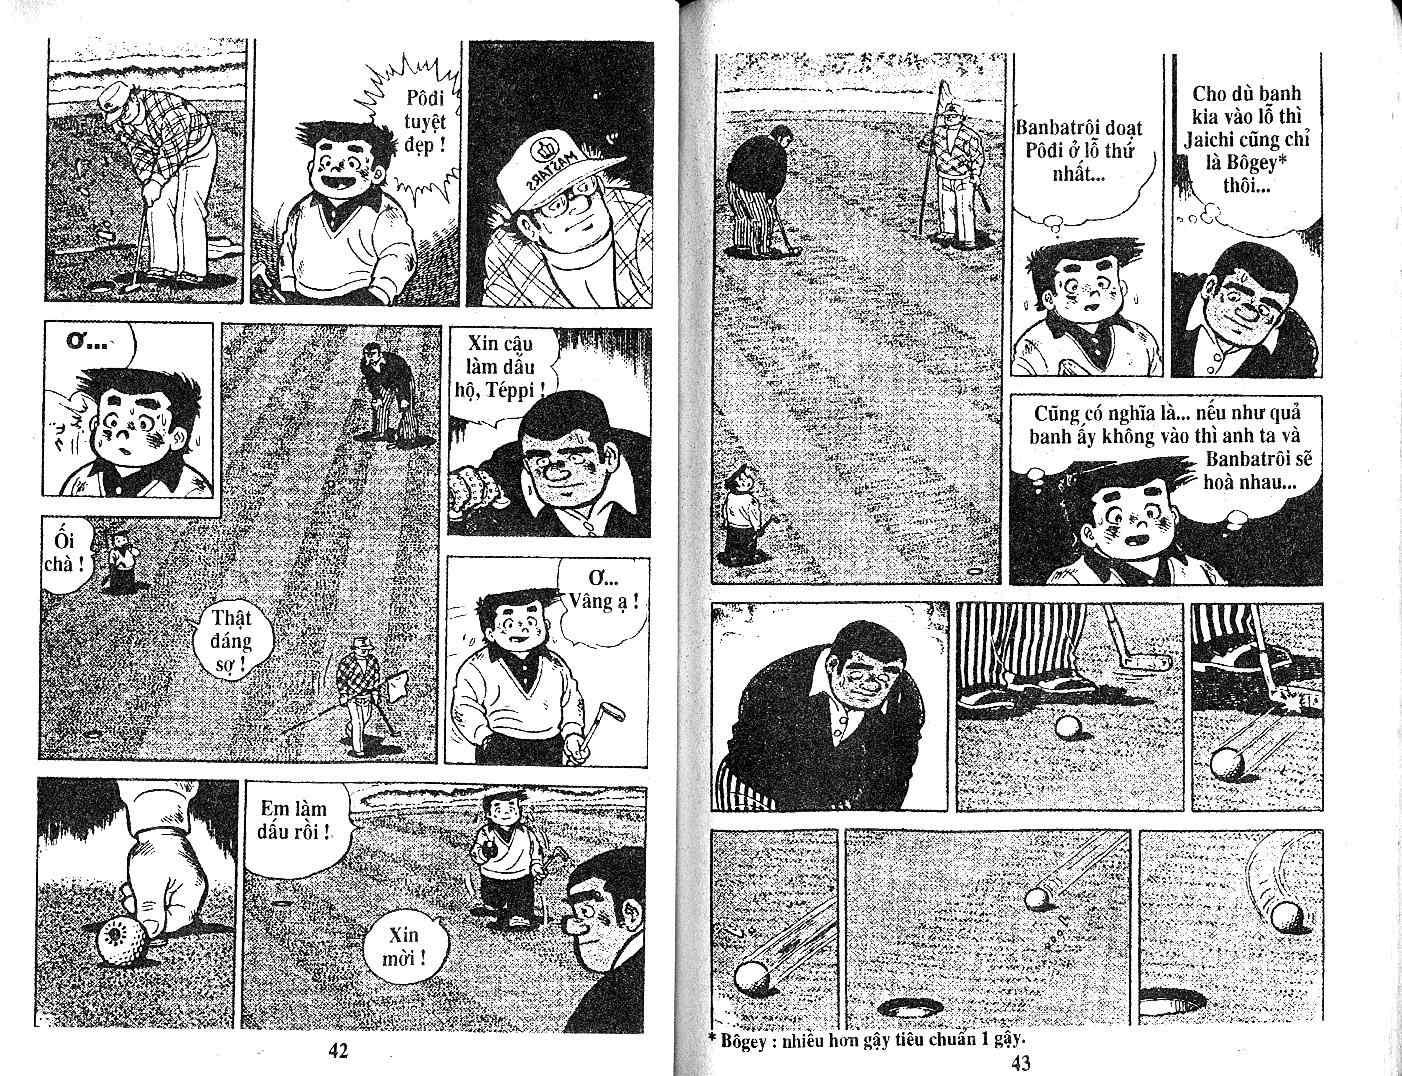 Ashita Tenki ni Naare chapter 18 trang 19